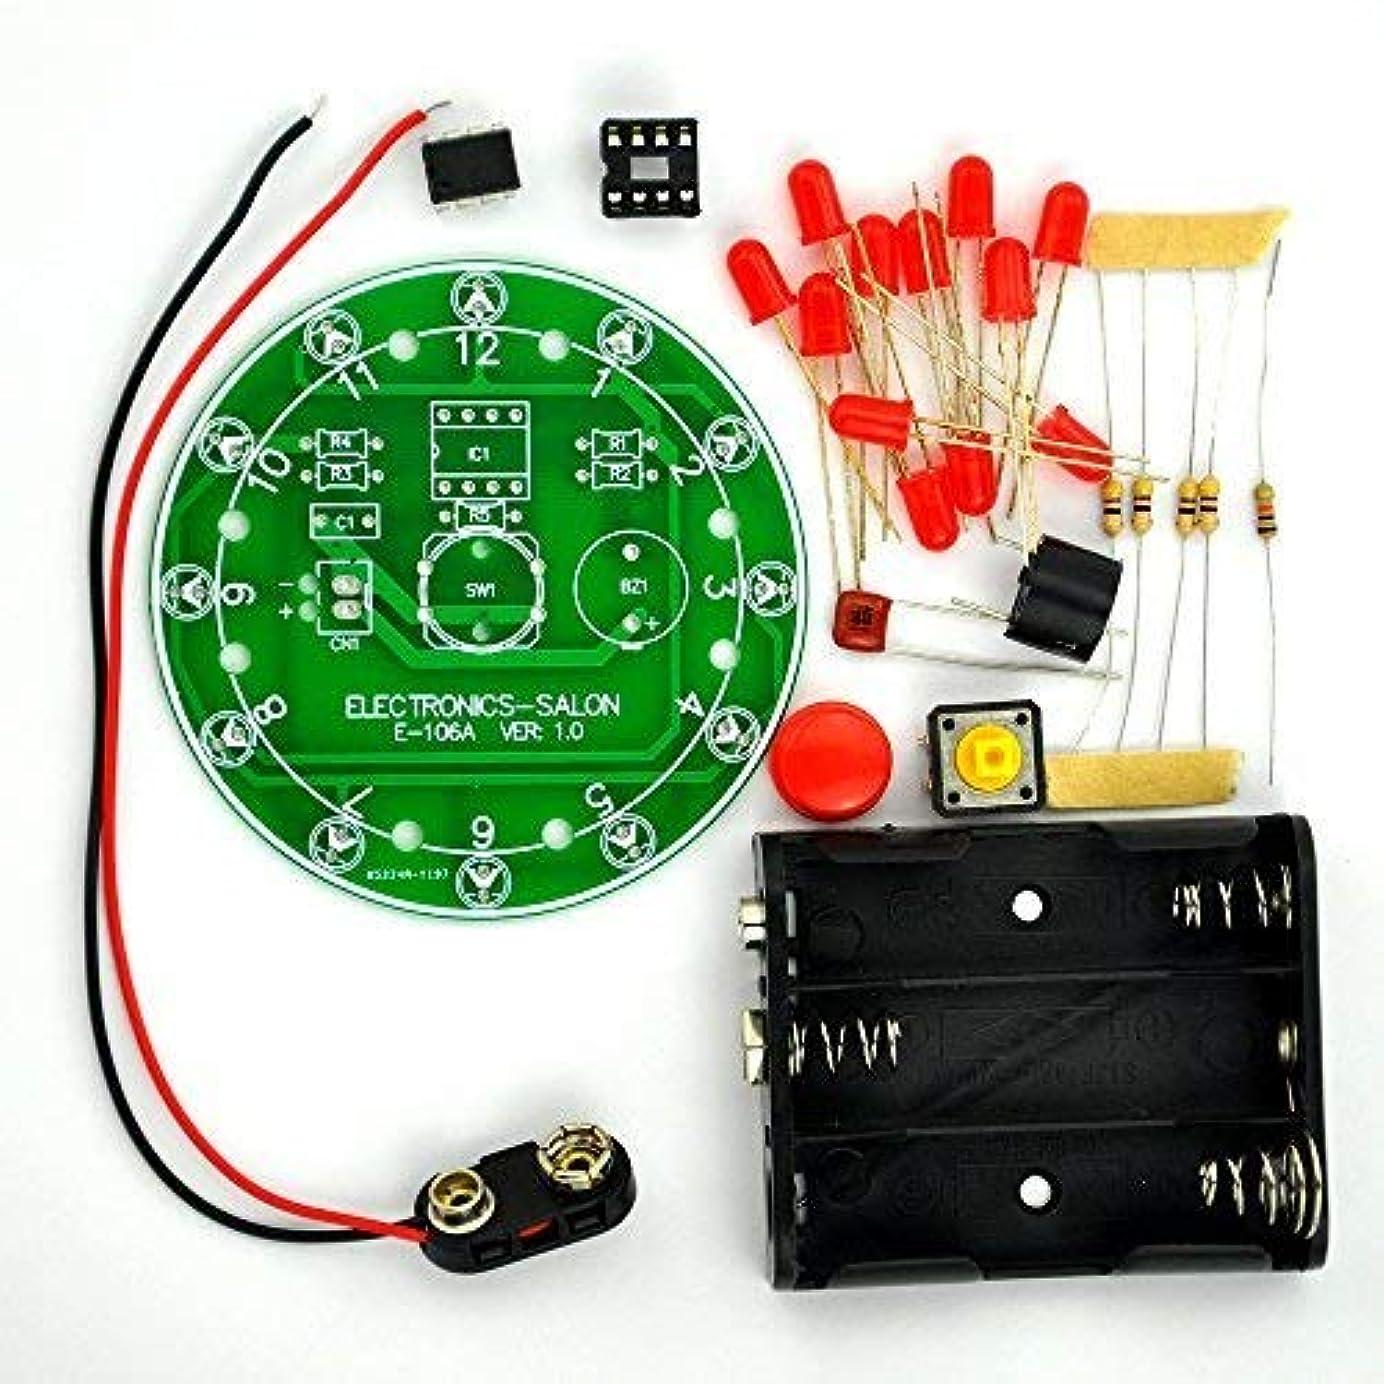 ウェイトレス湾正気Electronics-Salon 12位置pic12f508 MCUに基づく電子ラッキー回転ボードキット導い